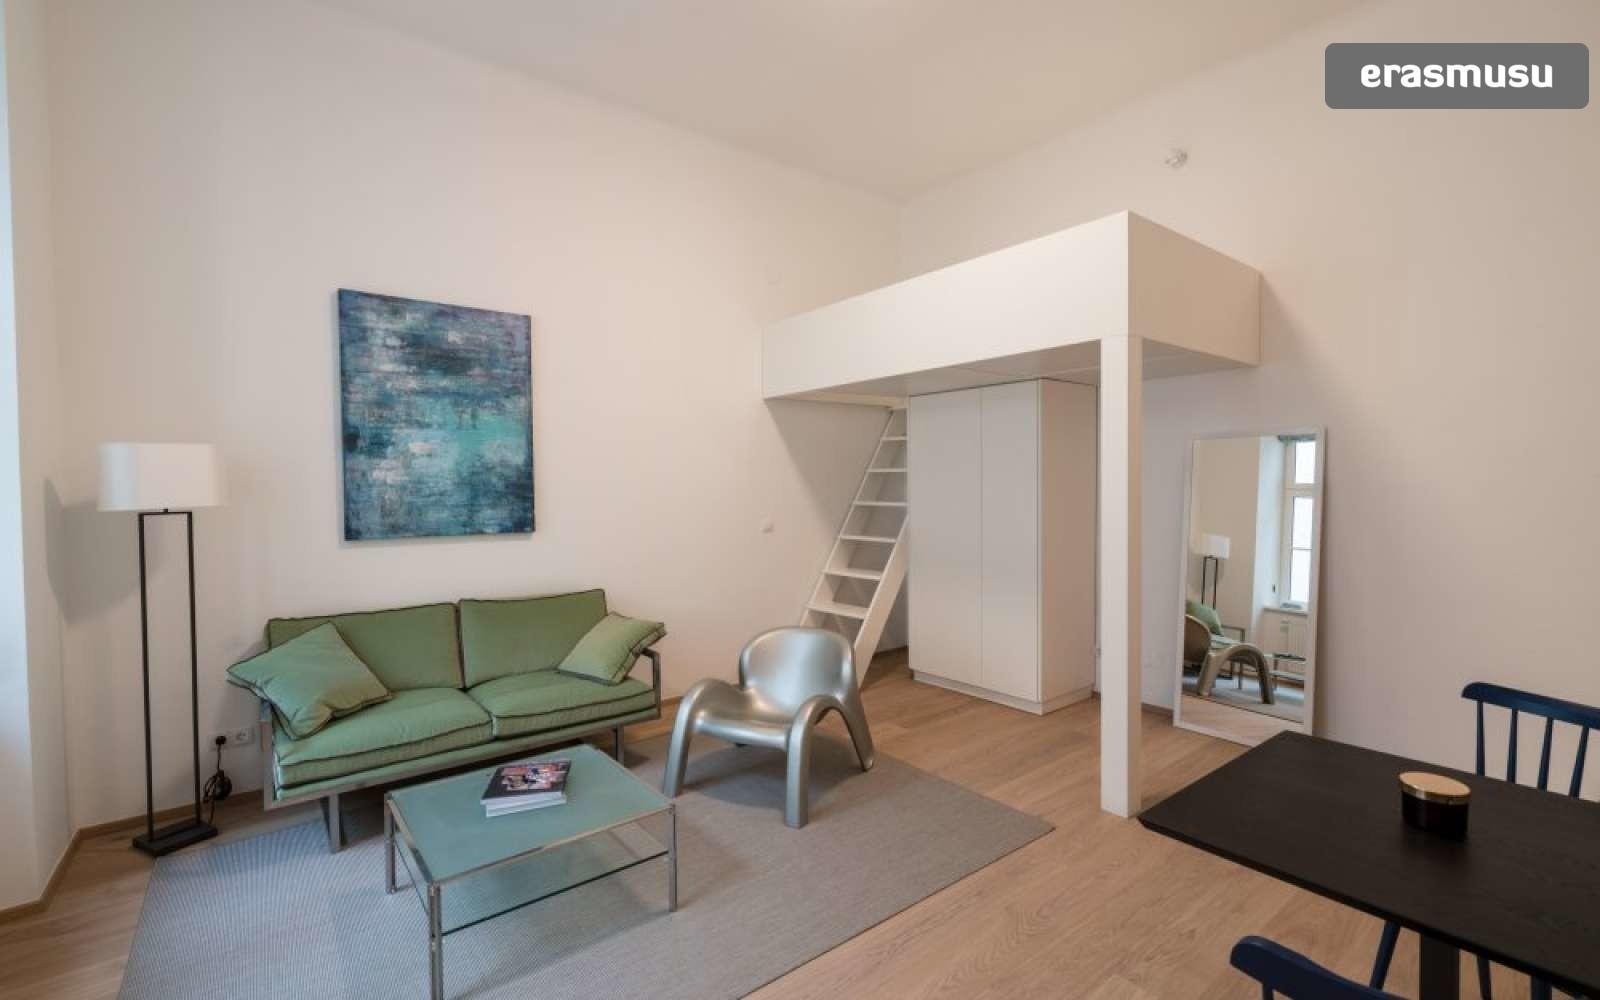 studio-apartment-rent-landstrase-540ff18666c912b61bc9a7e11438a31